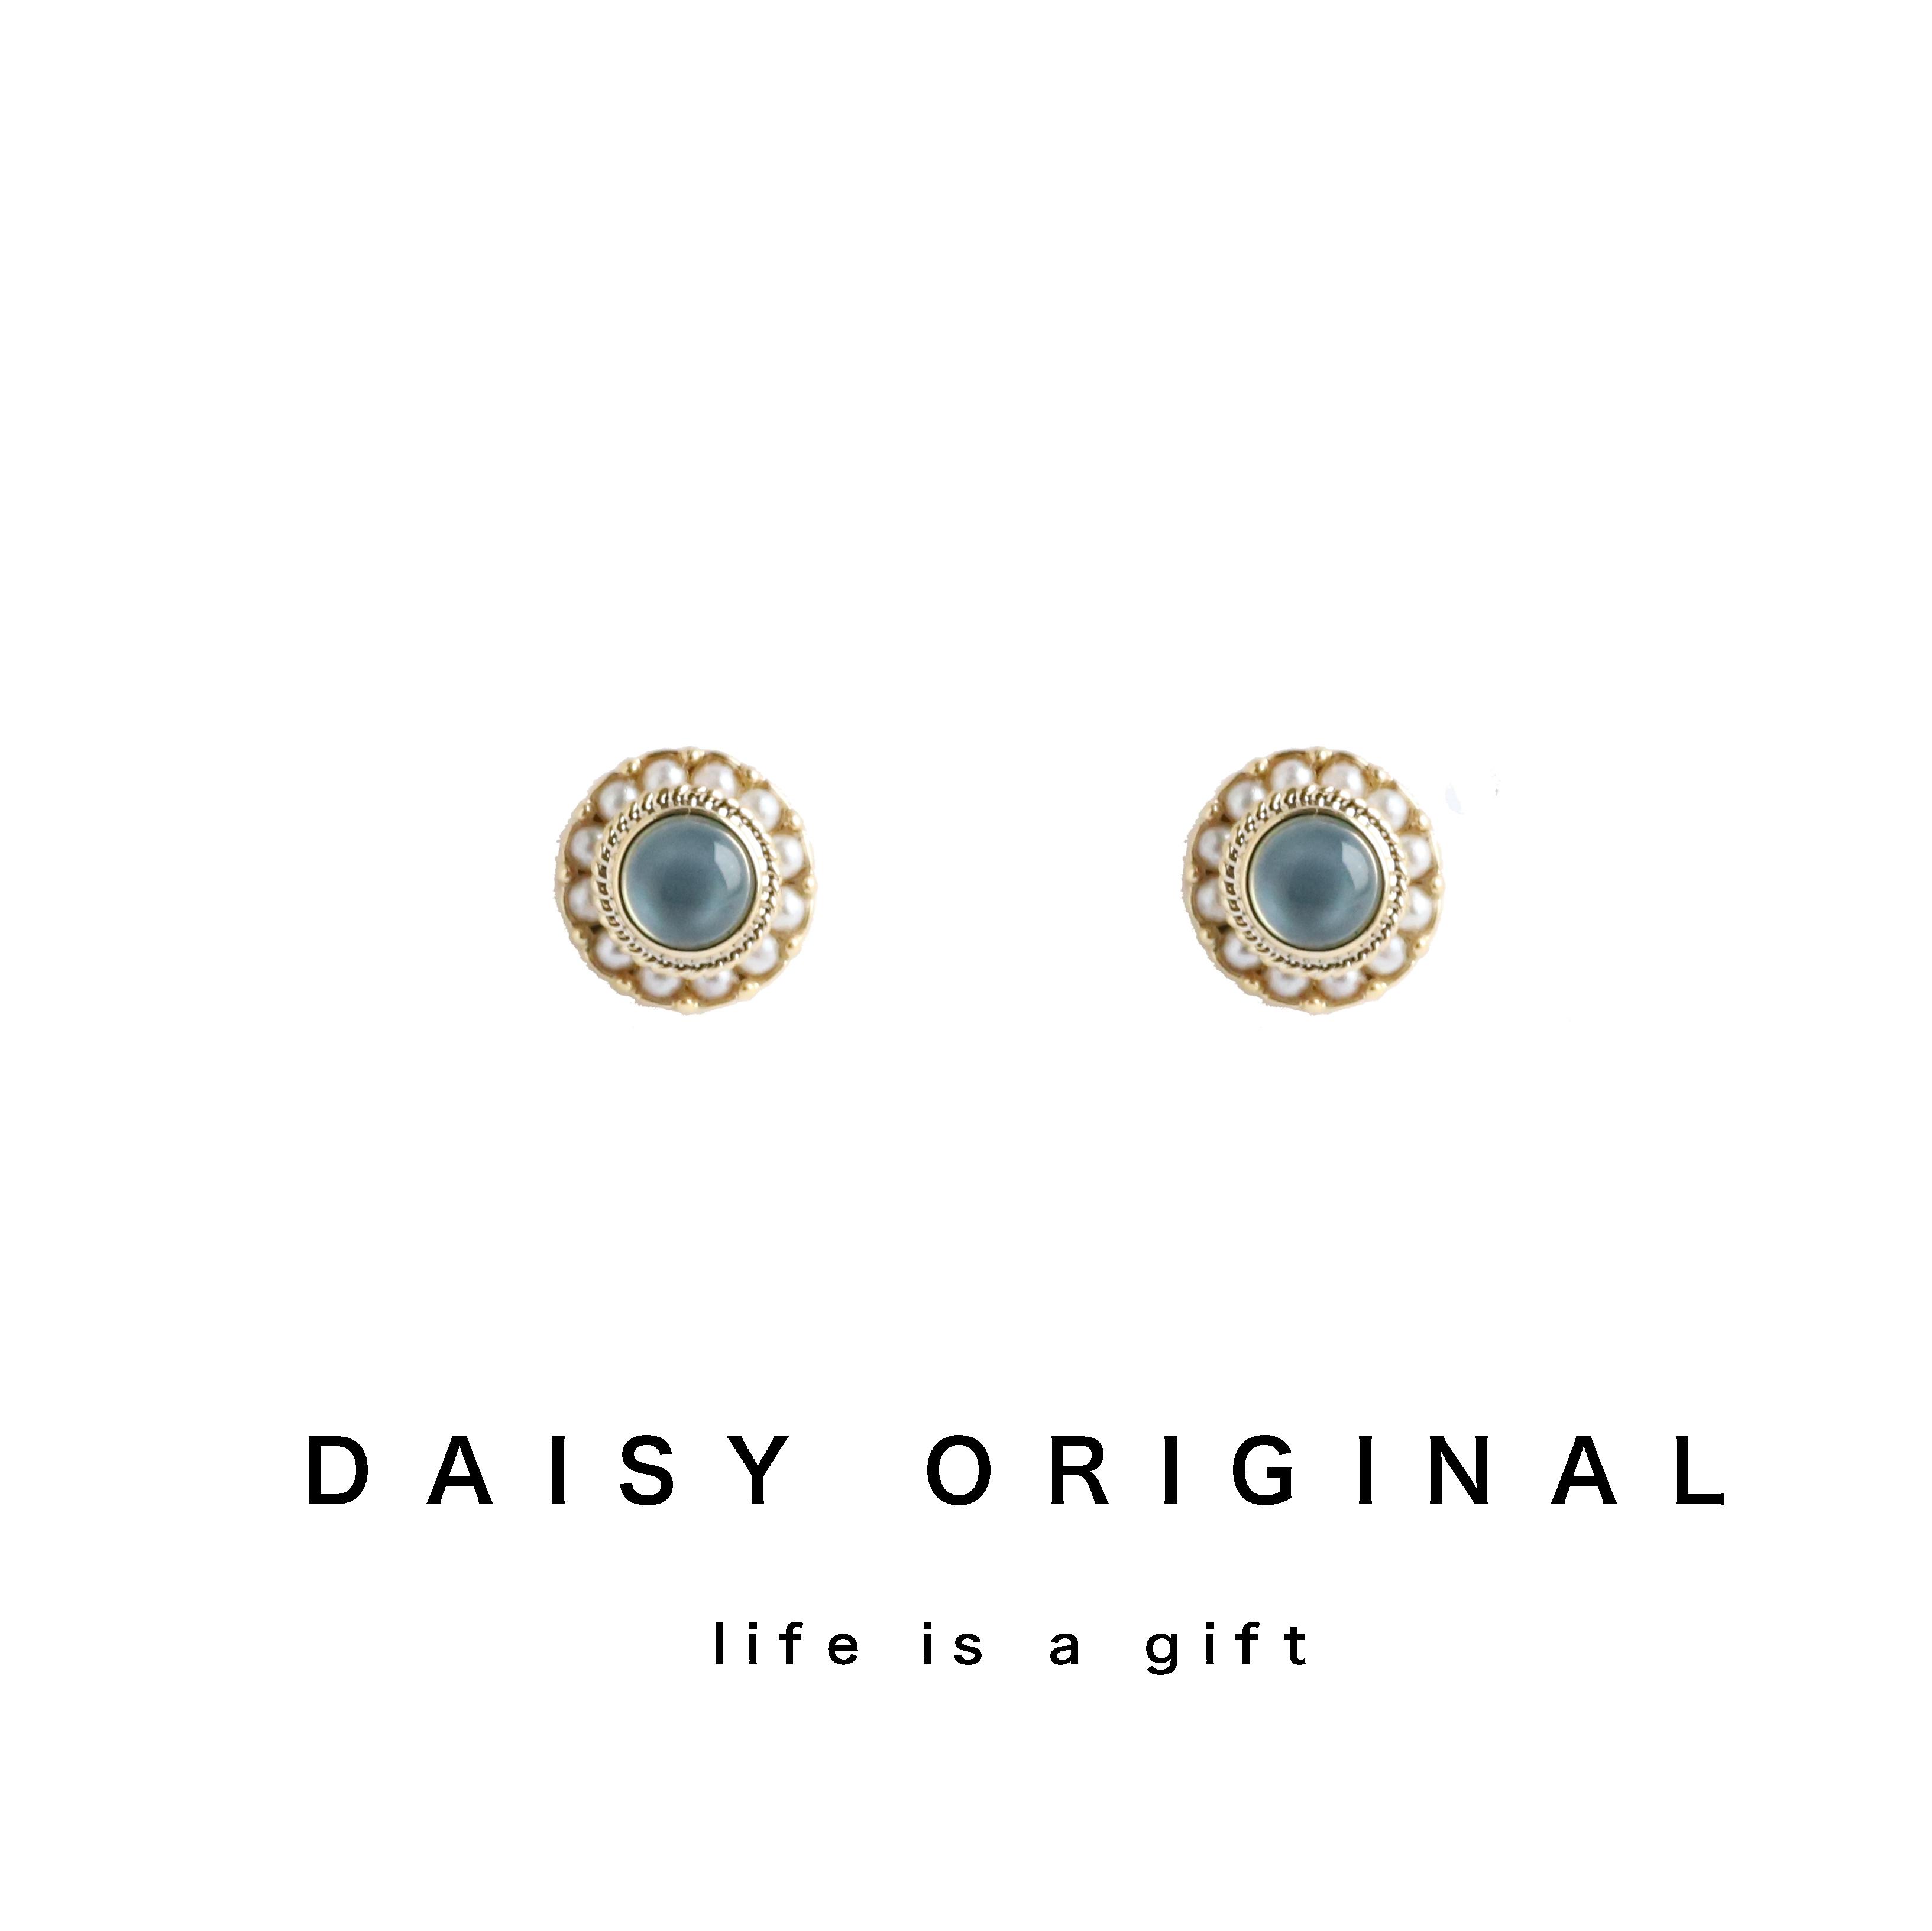 daisy定制 复古巴洛克轻奢精致圆形水晶珍珠耳钉s925银耳环耳夹26.00元包邮